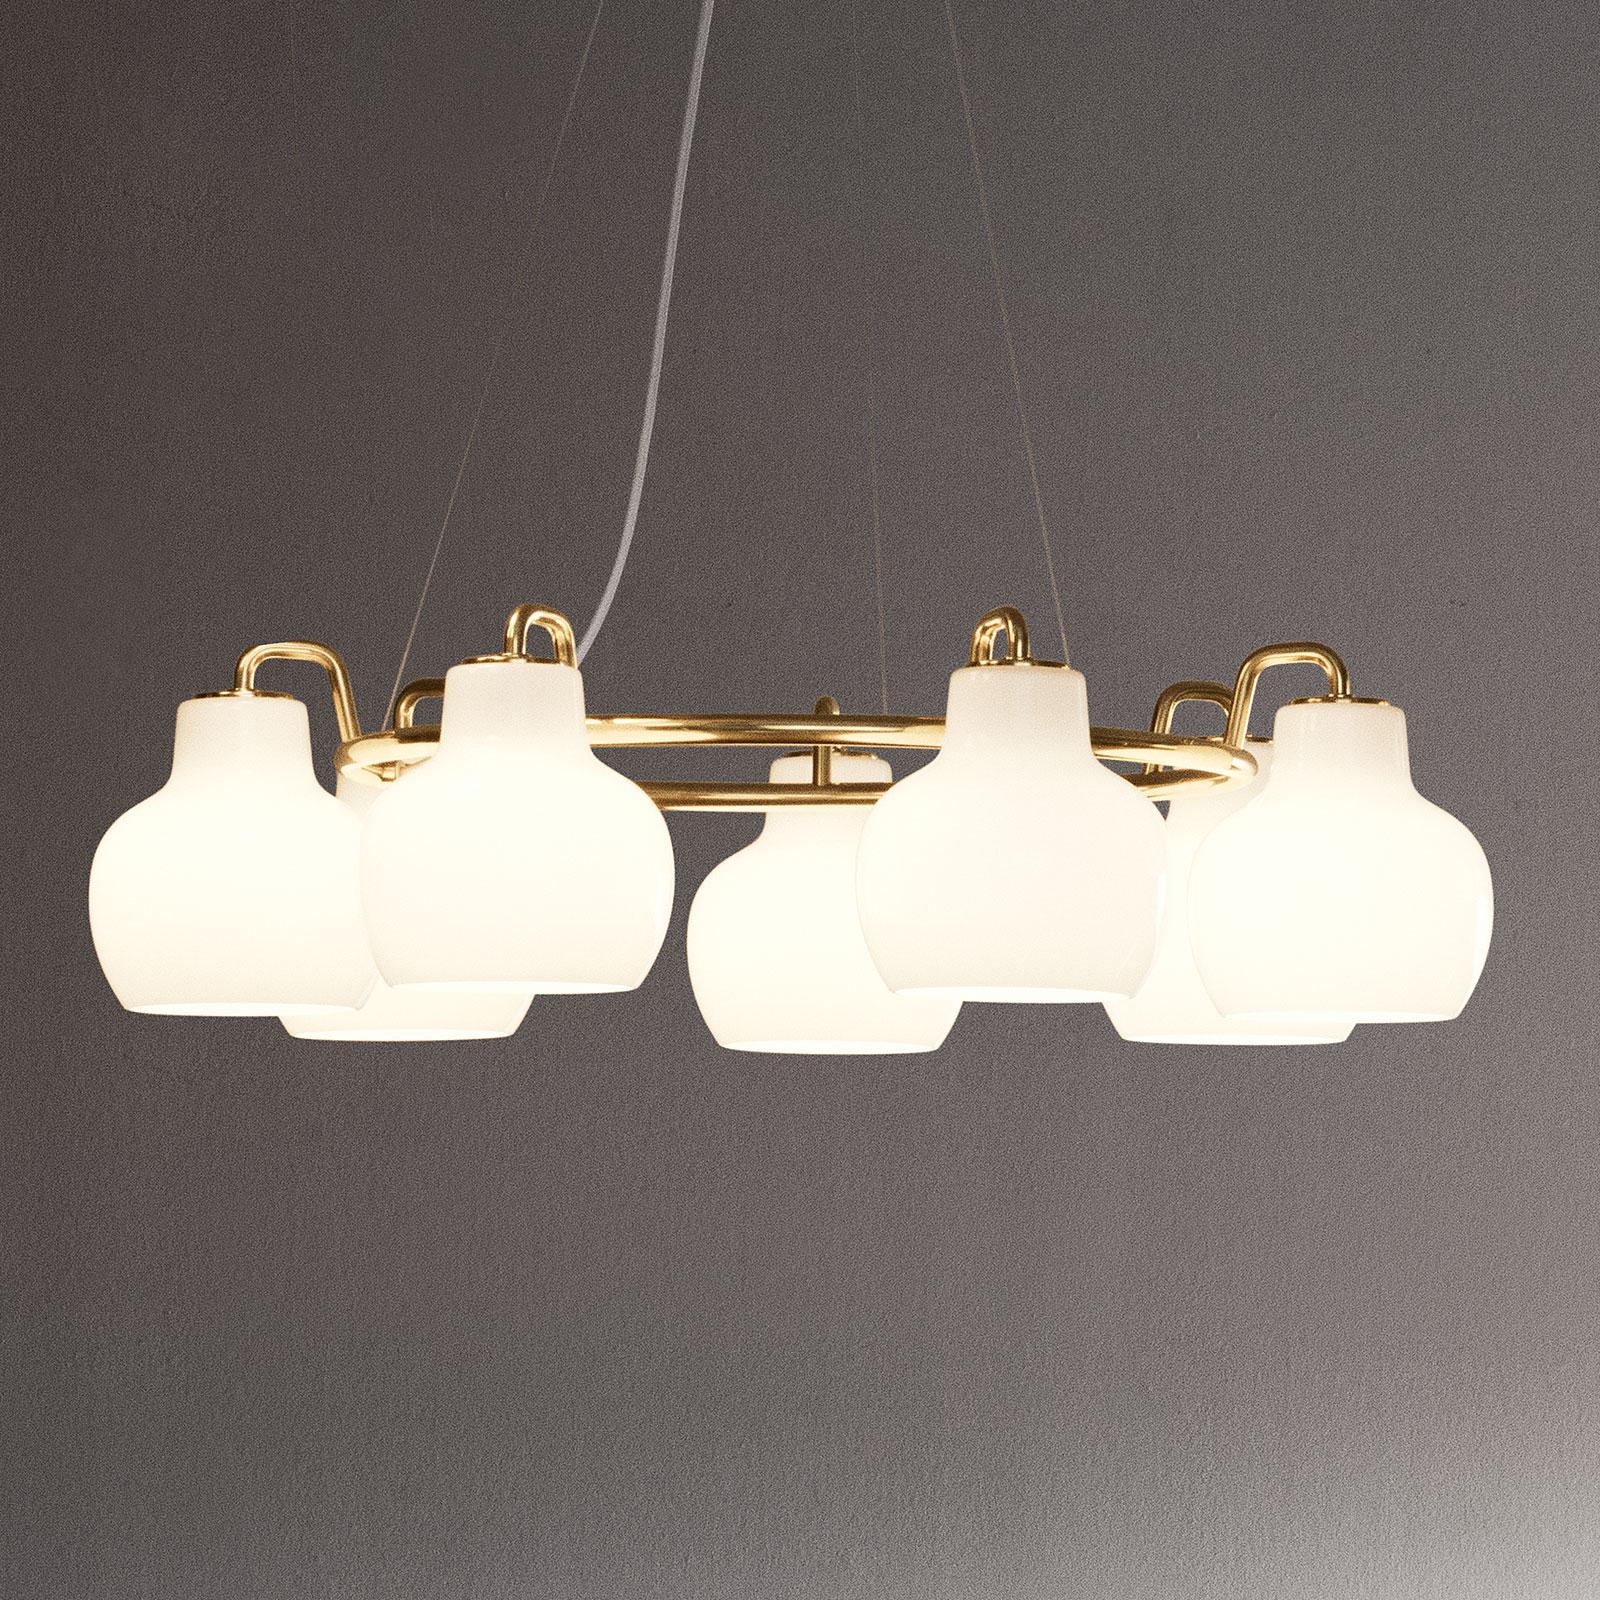 Louis Poulsen lámpara VL Ring Crown 7 luces